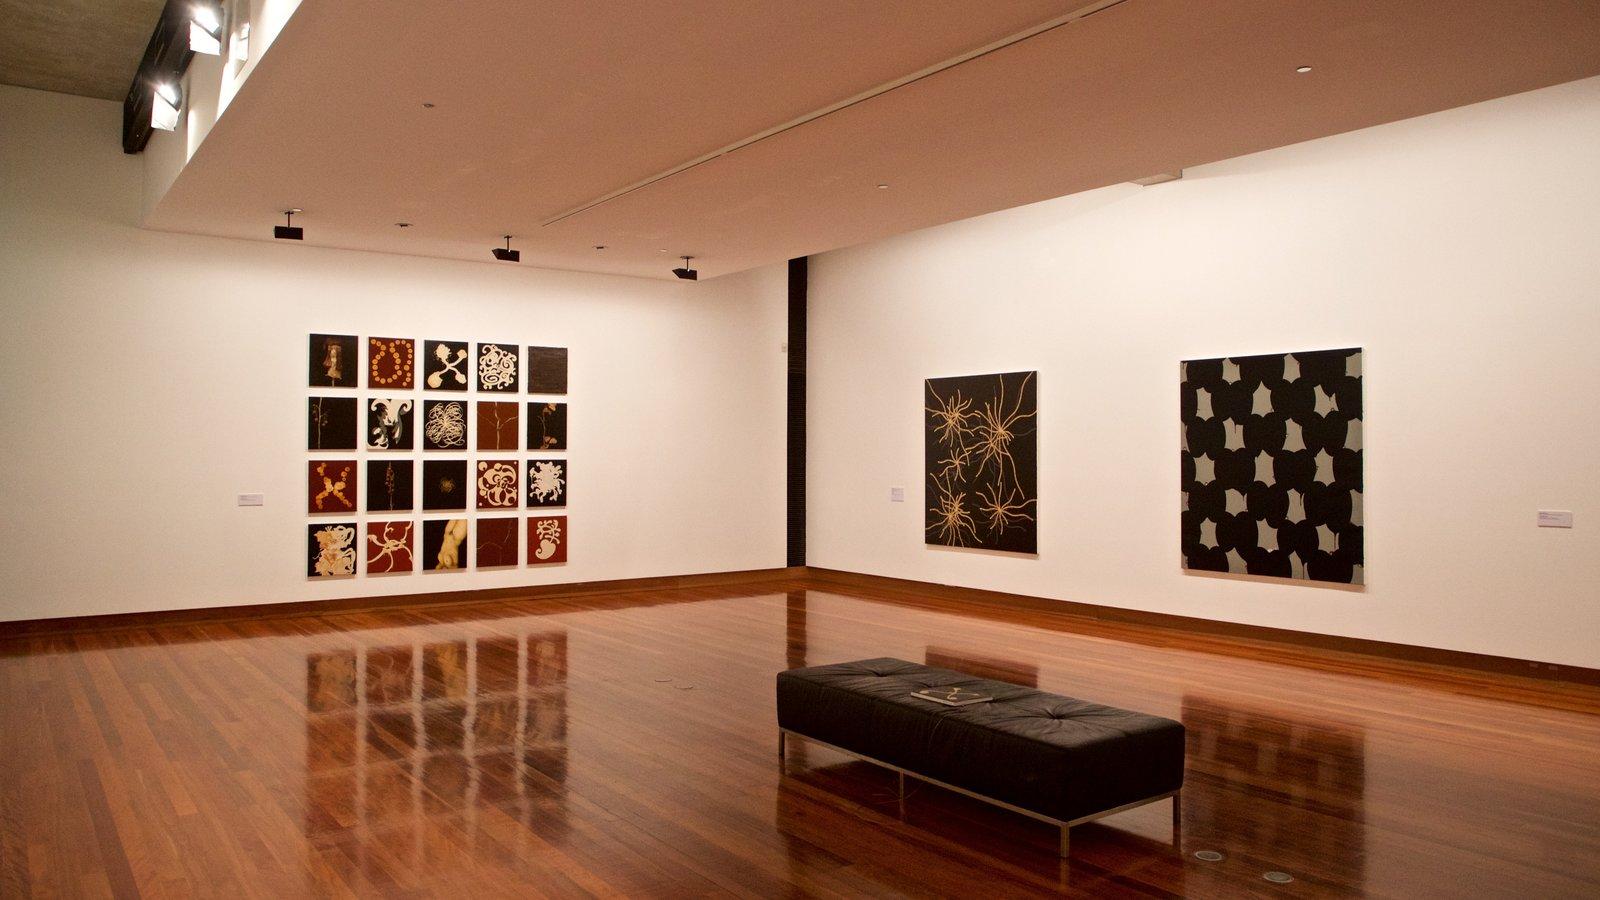 Museo de arte Ian Potter mostrando vistas interiores y arte